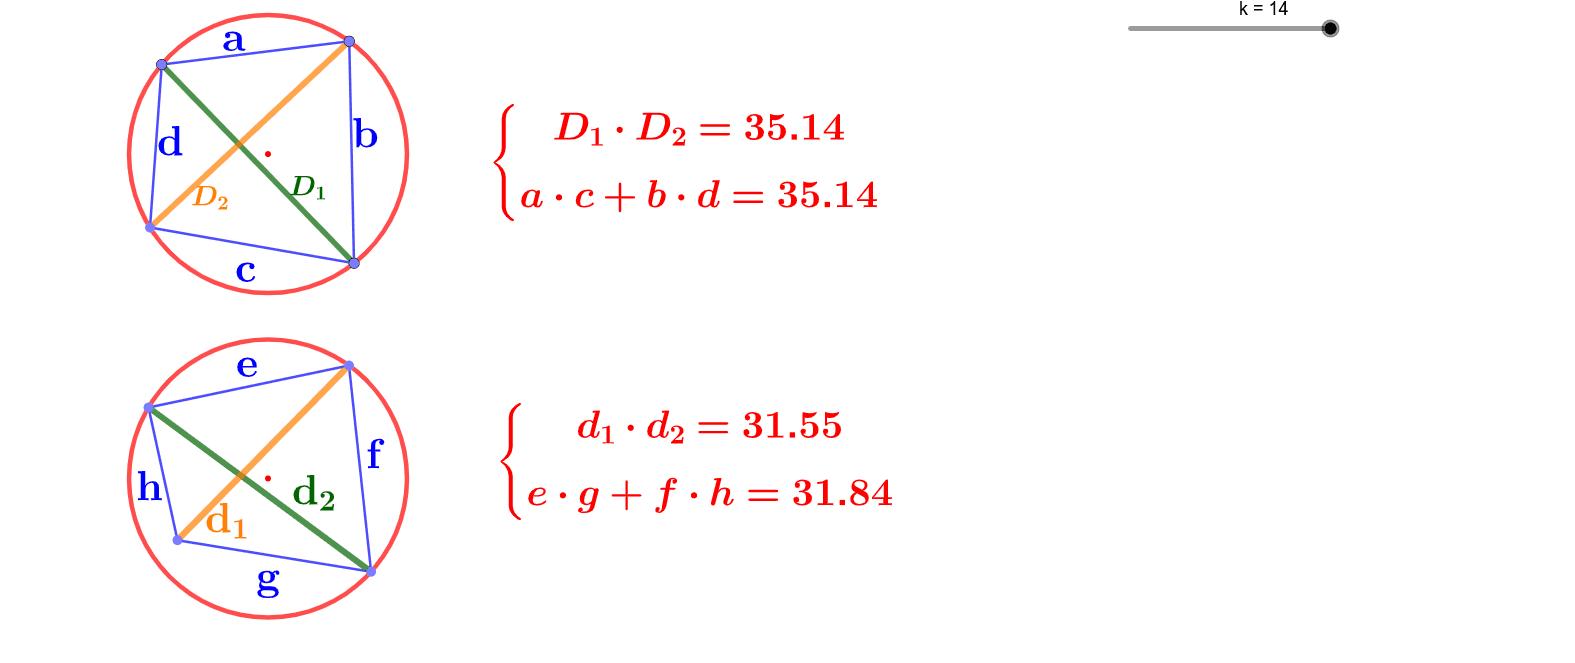 Si un cuadrado es inscriptible, el producto de las diagonales es igual a la suma de los productos de los lados opuestos. Pulsa el botón de Reproducción (esquina inferior izquierda). Presiona Intro para comenzar la actividad